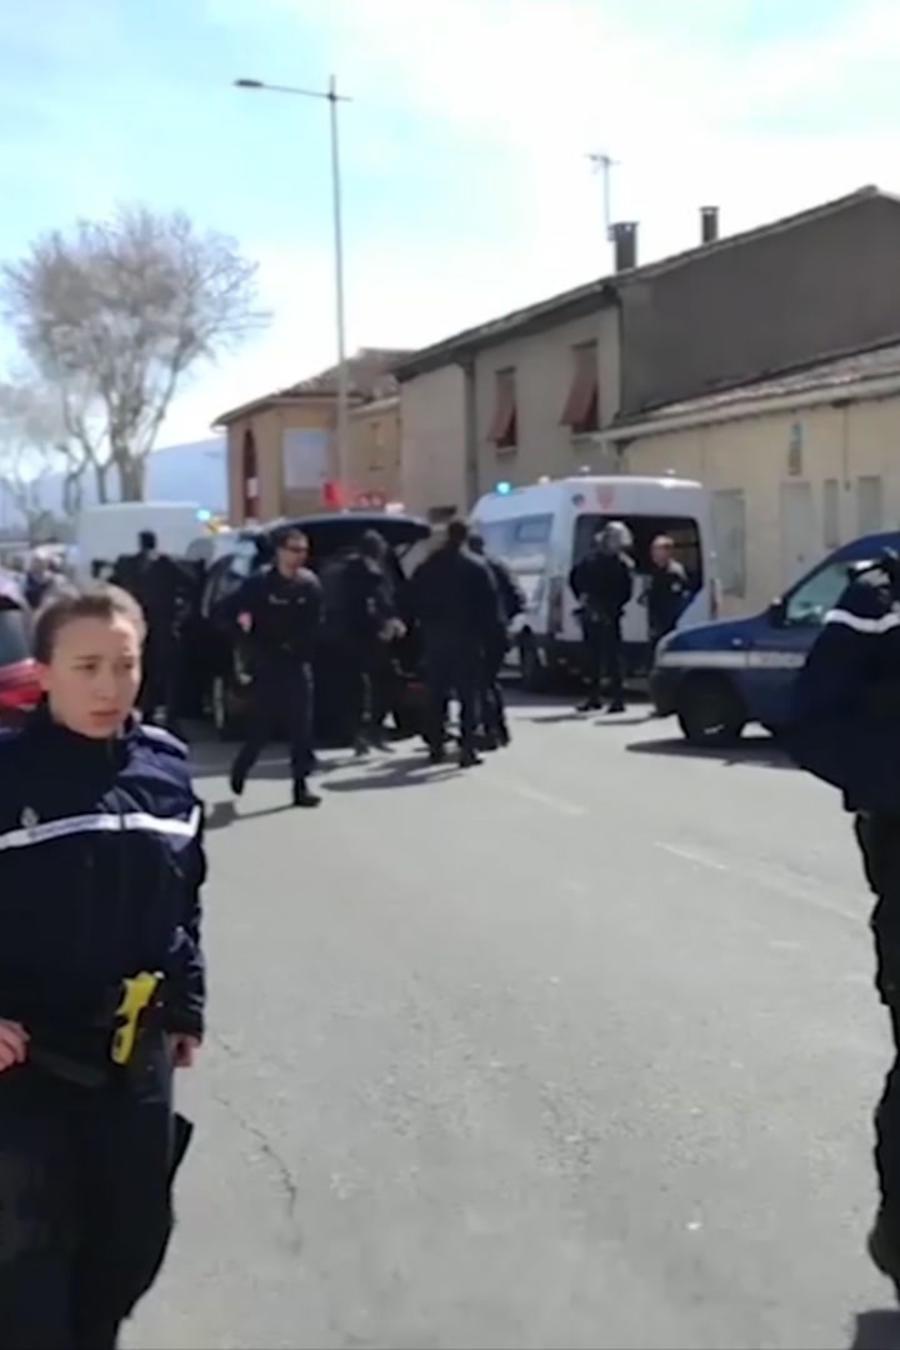 La policía durante la toma de rehenes hoy en Trèbes, Francia.